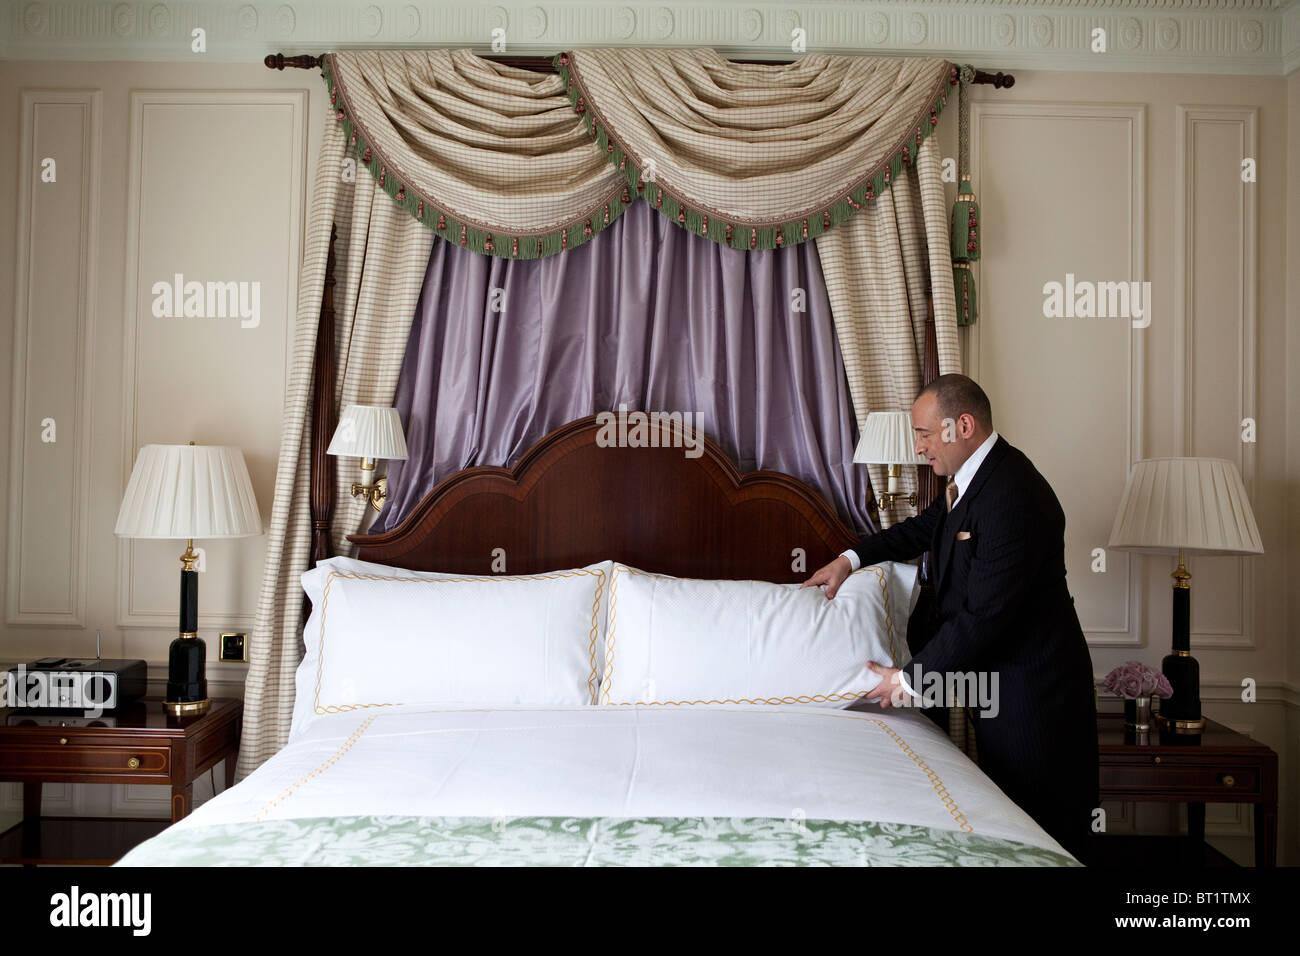 Savoy Hotel à Londres. Rouvert en octobre 2010 après une rénovation complète. Les photos montrent Photo Stock